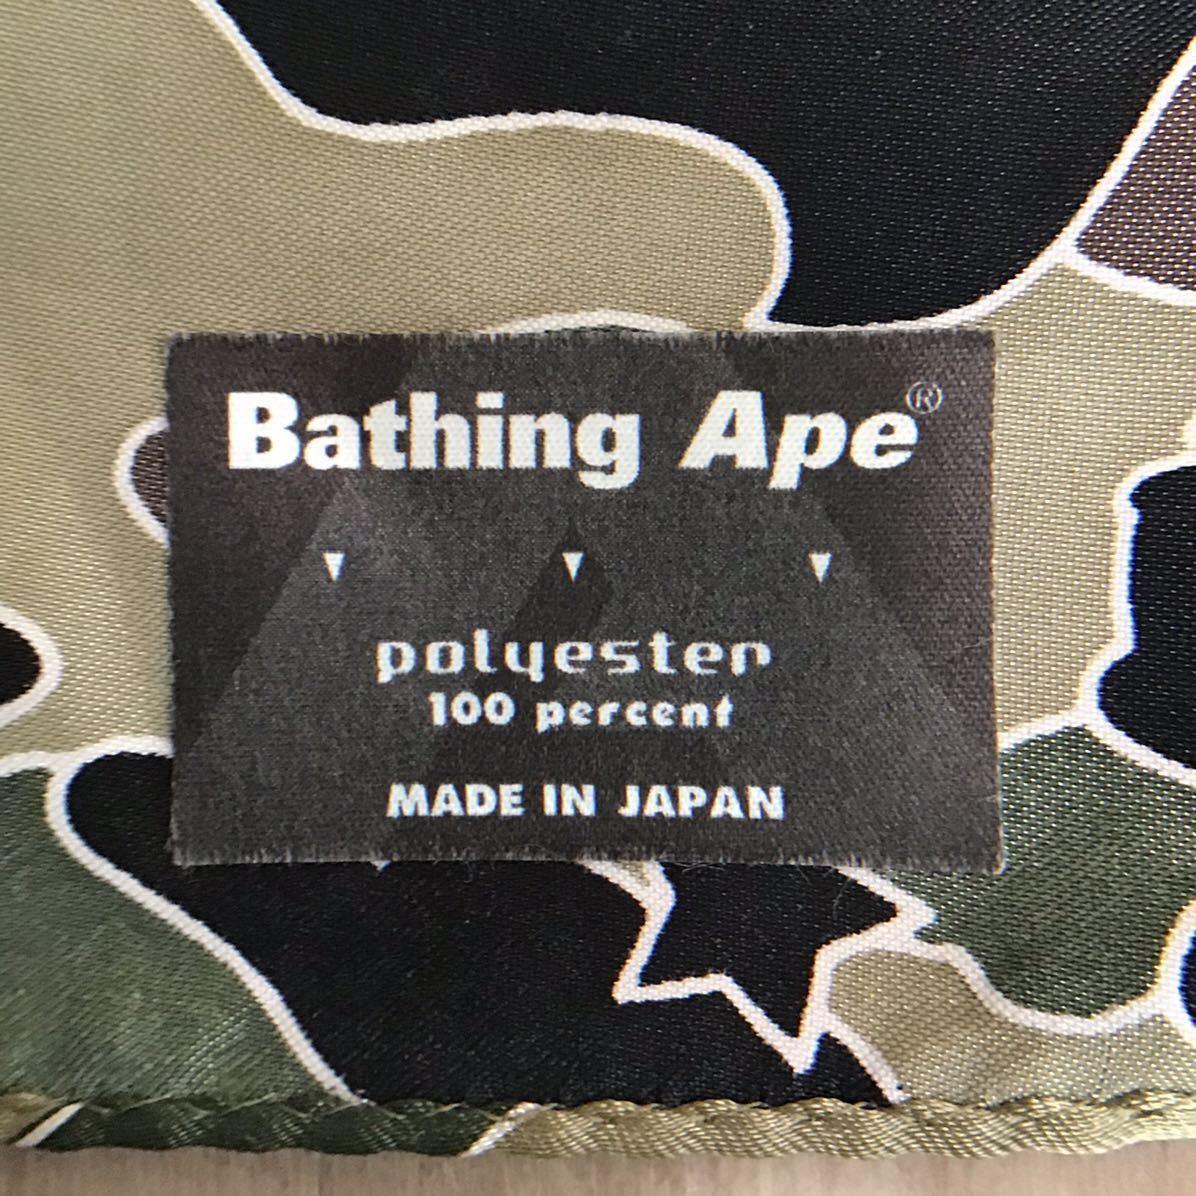 ★激レア★ 初期 sta camo バンダナ a bathing ape BAPE ストール スカーフ エイプ ベイプ アベイシングエイプ psyche scarf nigo bandana